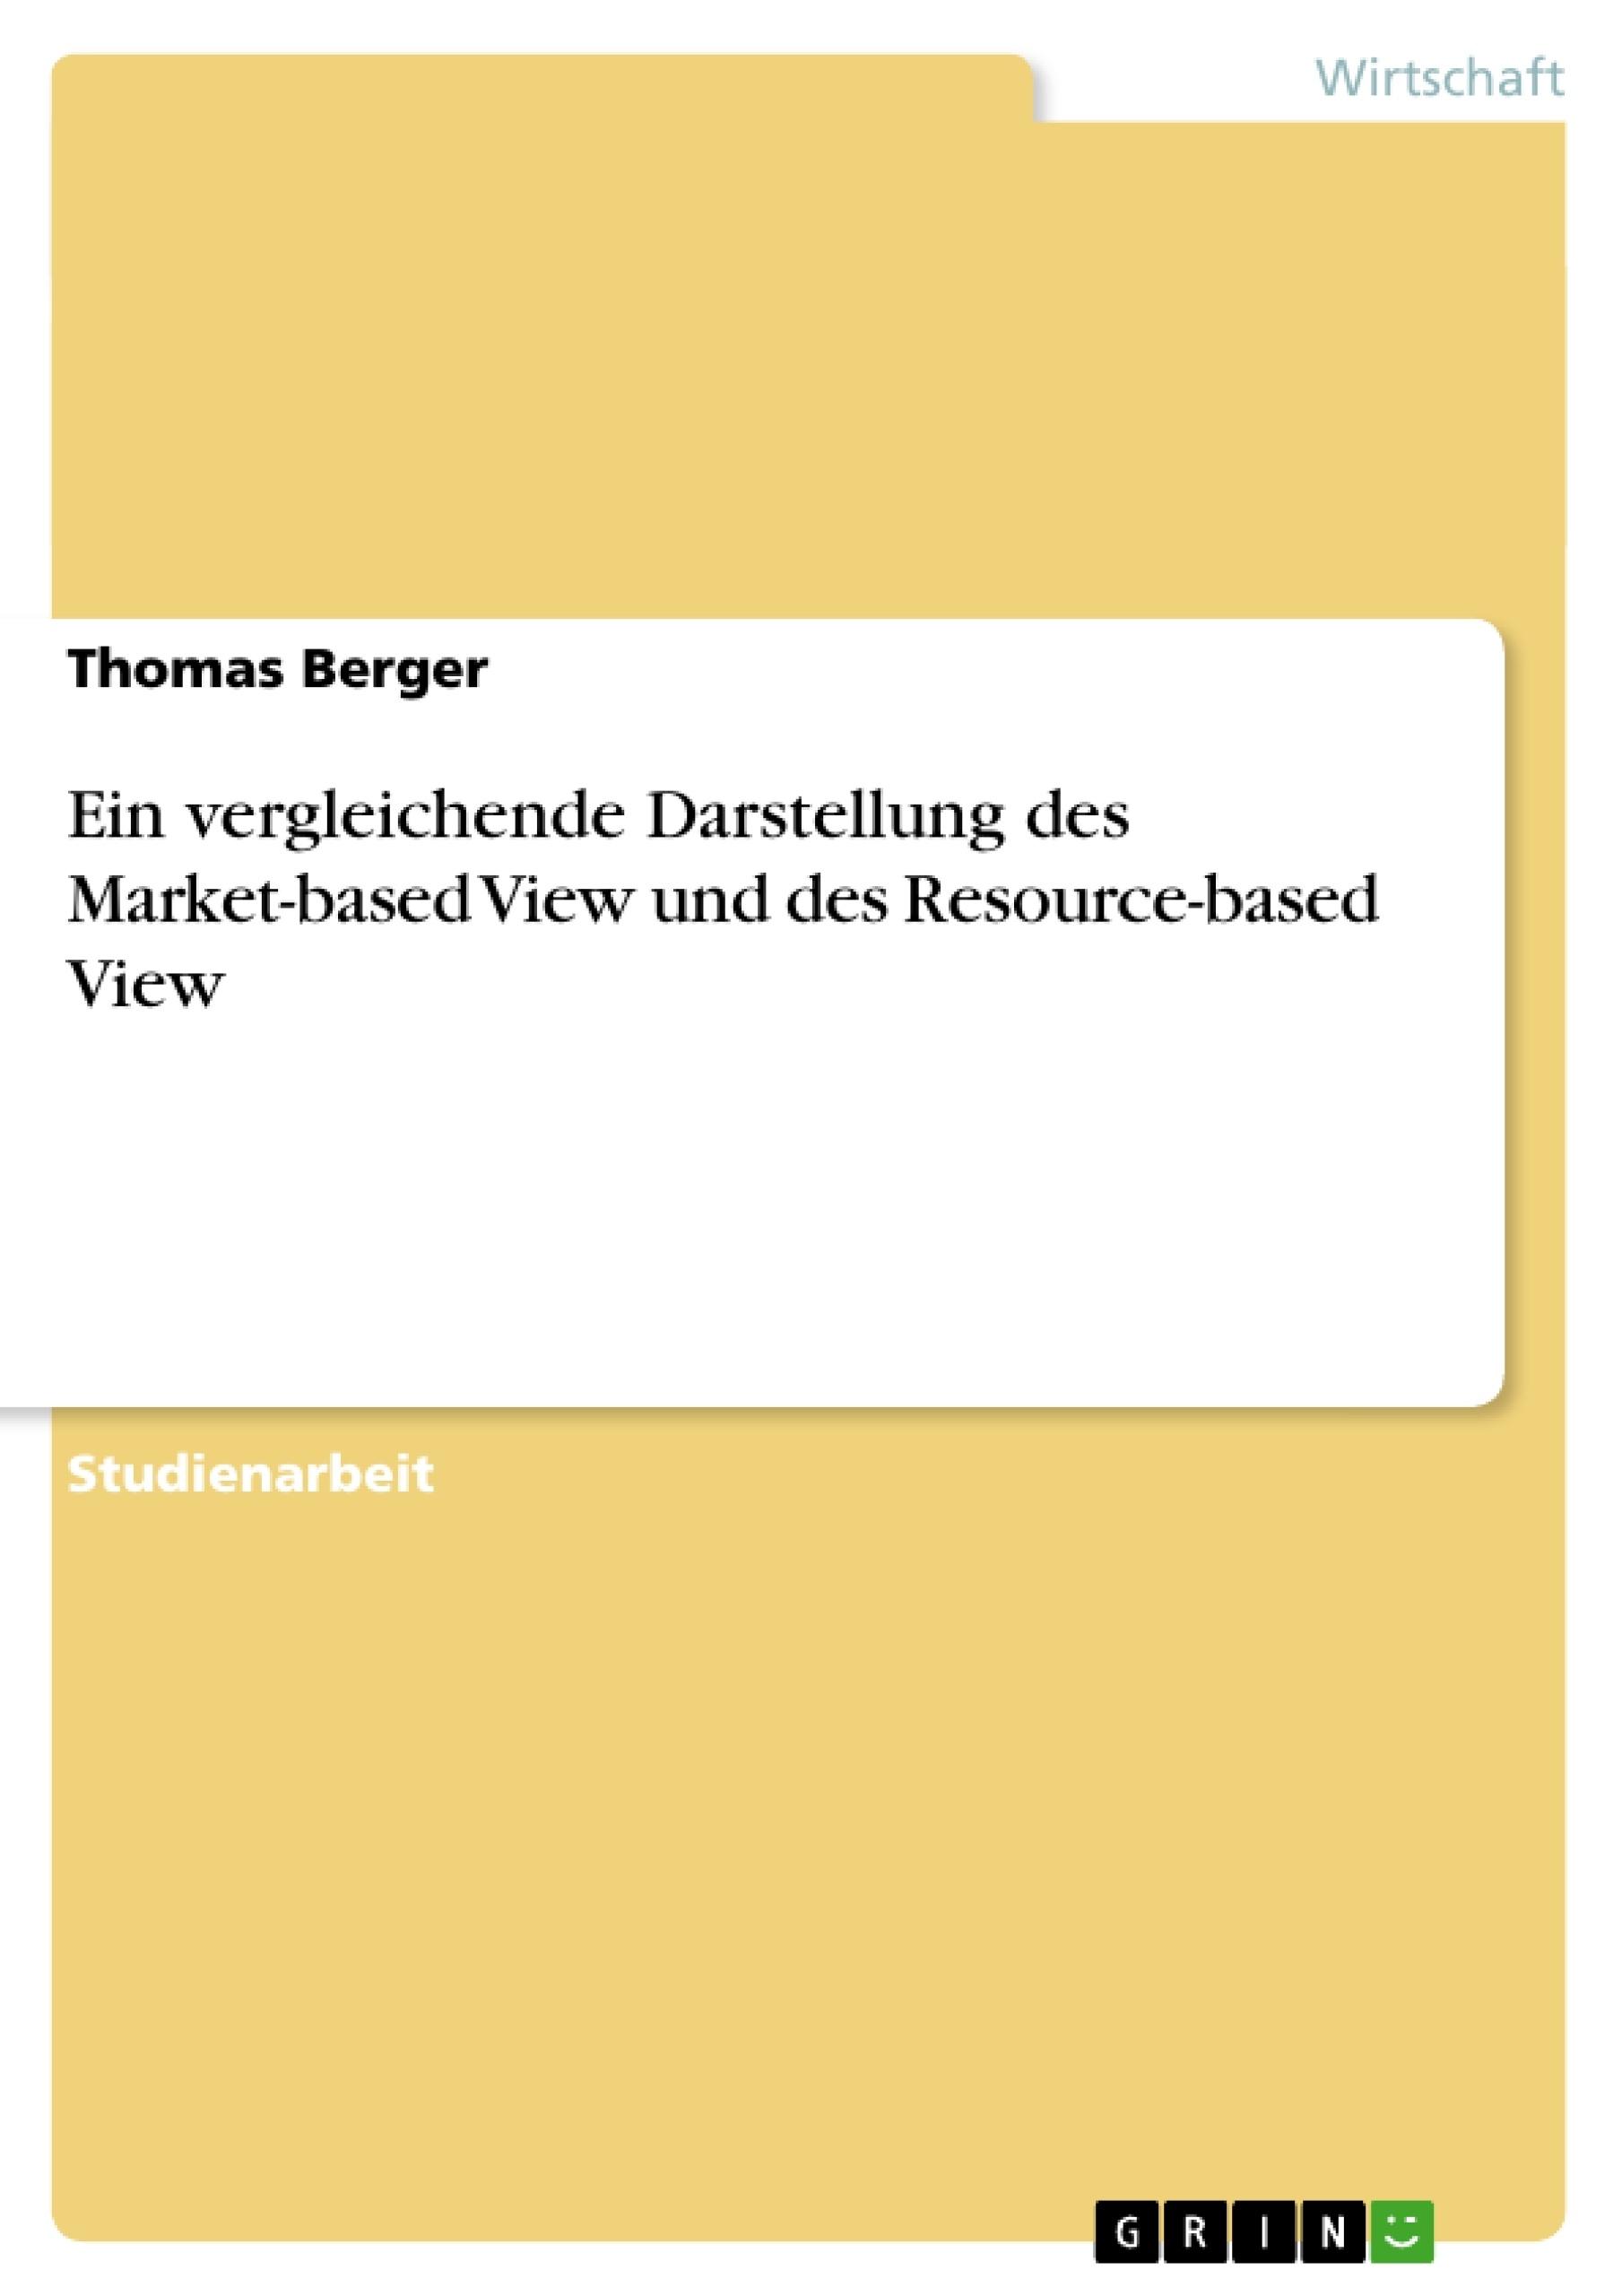 Titel: Ein vergleichende Darstellung des Market-based View und des Resource-based View